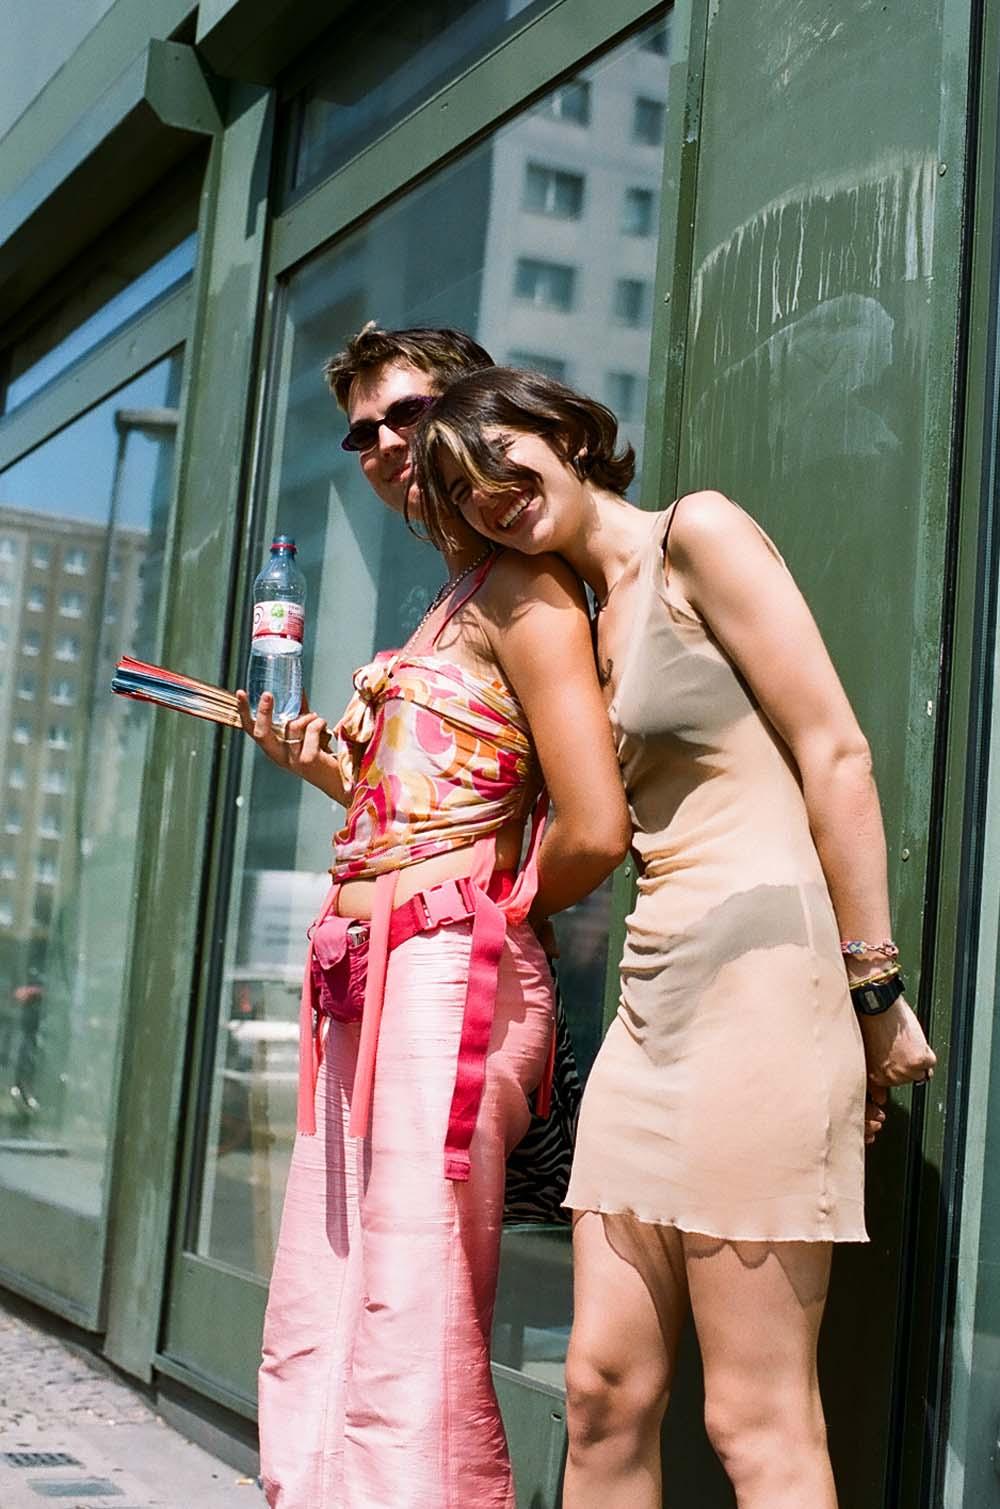 Deux femmes en tenue rose et en robe beige rigolant, tenant une bouteille d'eau devant une vitrine